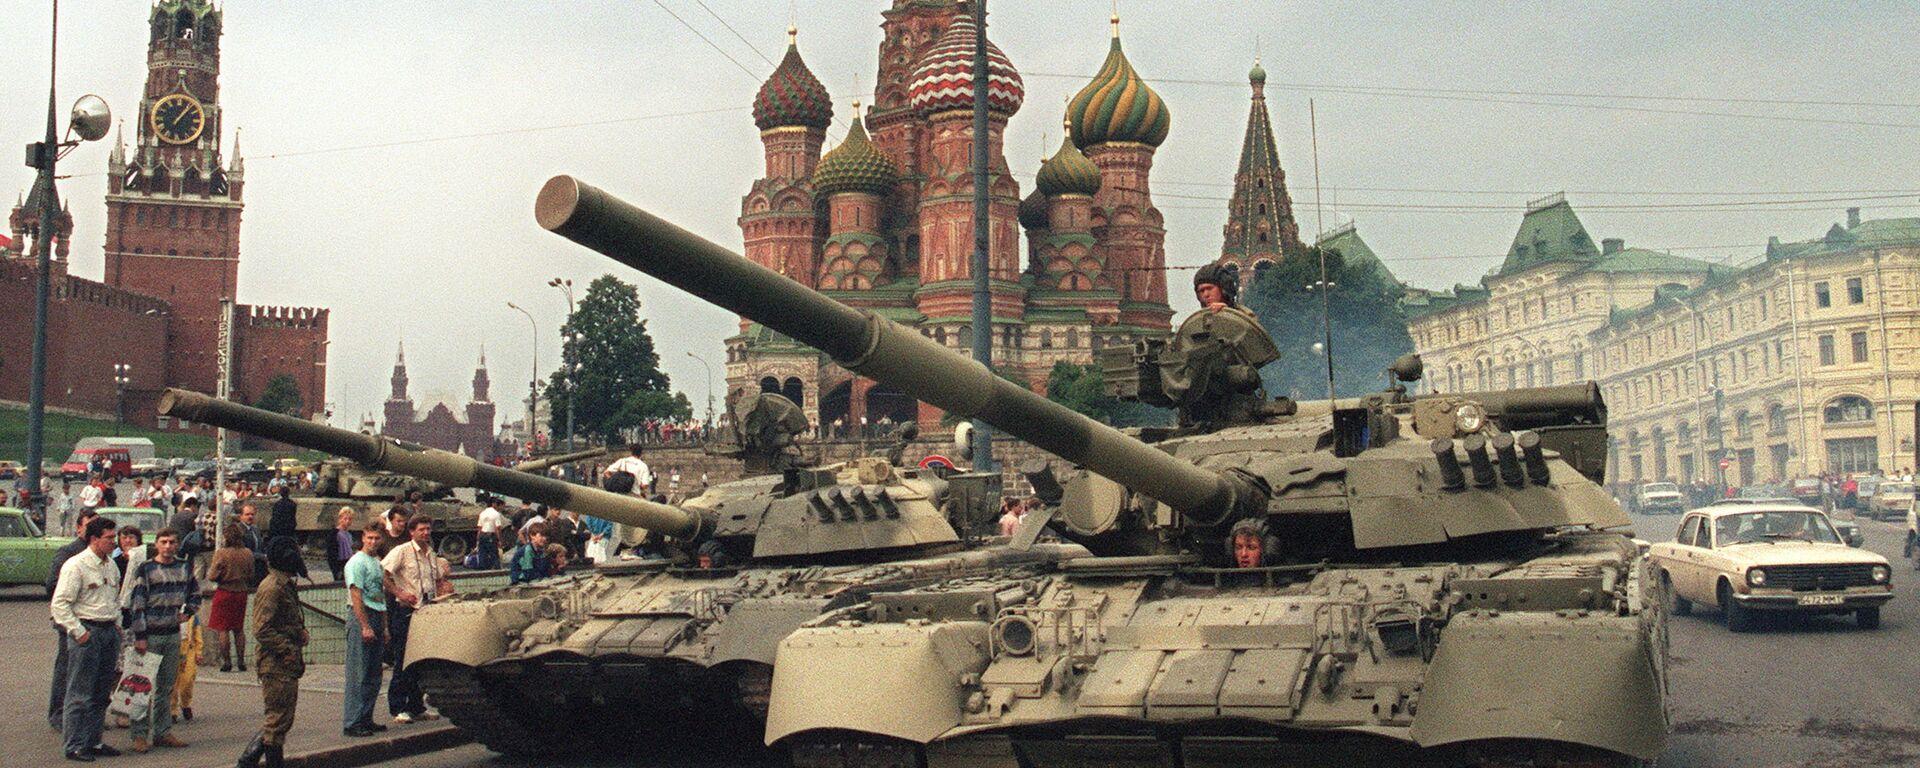 Августовский путч 1991 года - Sputnik Узбекистан, 1920, 09.03.2021